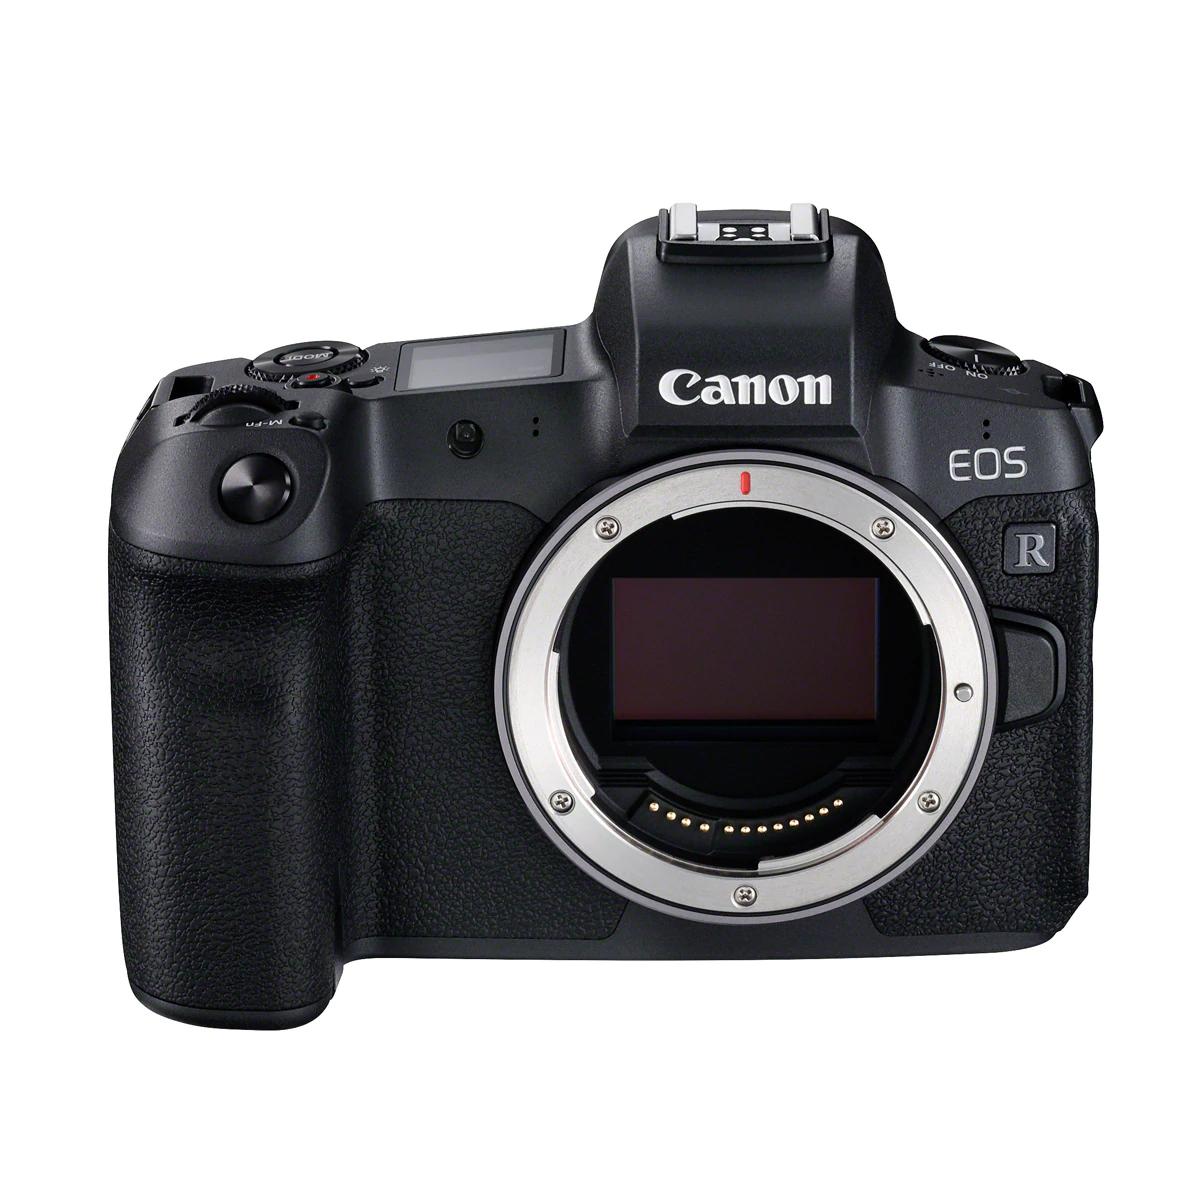 Canon EOS R + Adaptador EF-EOS R